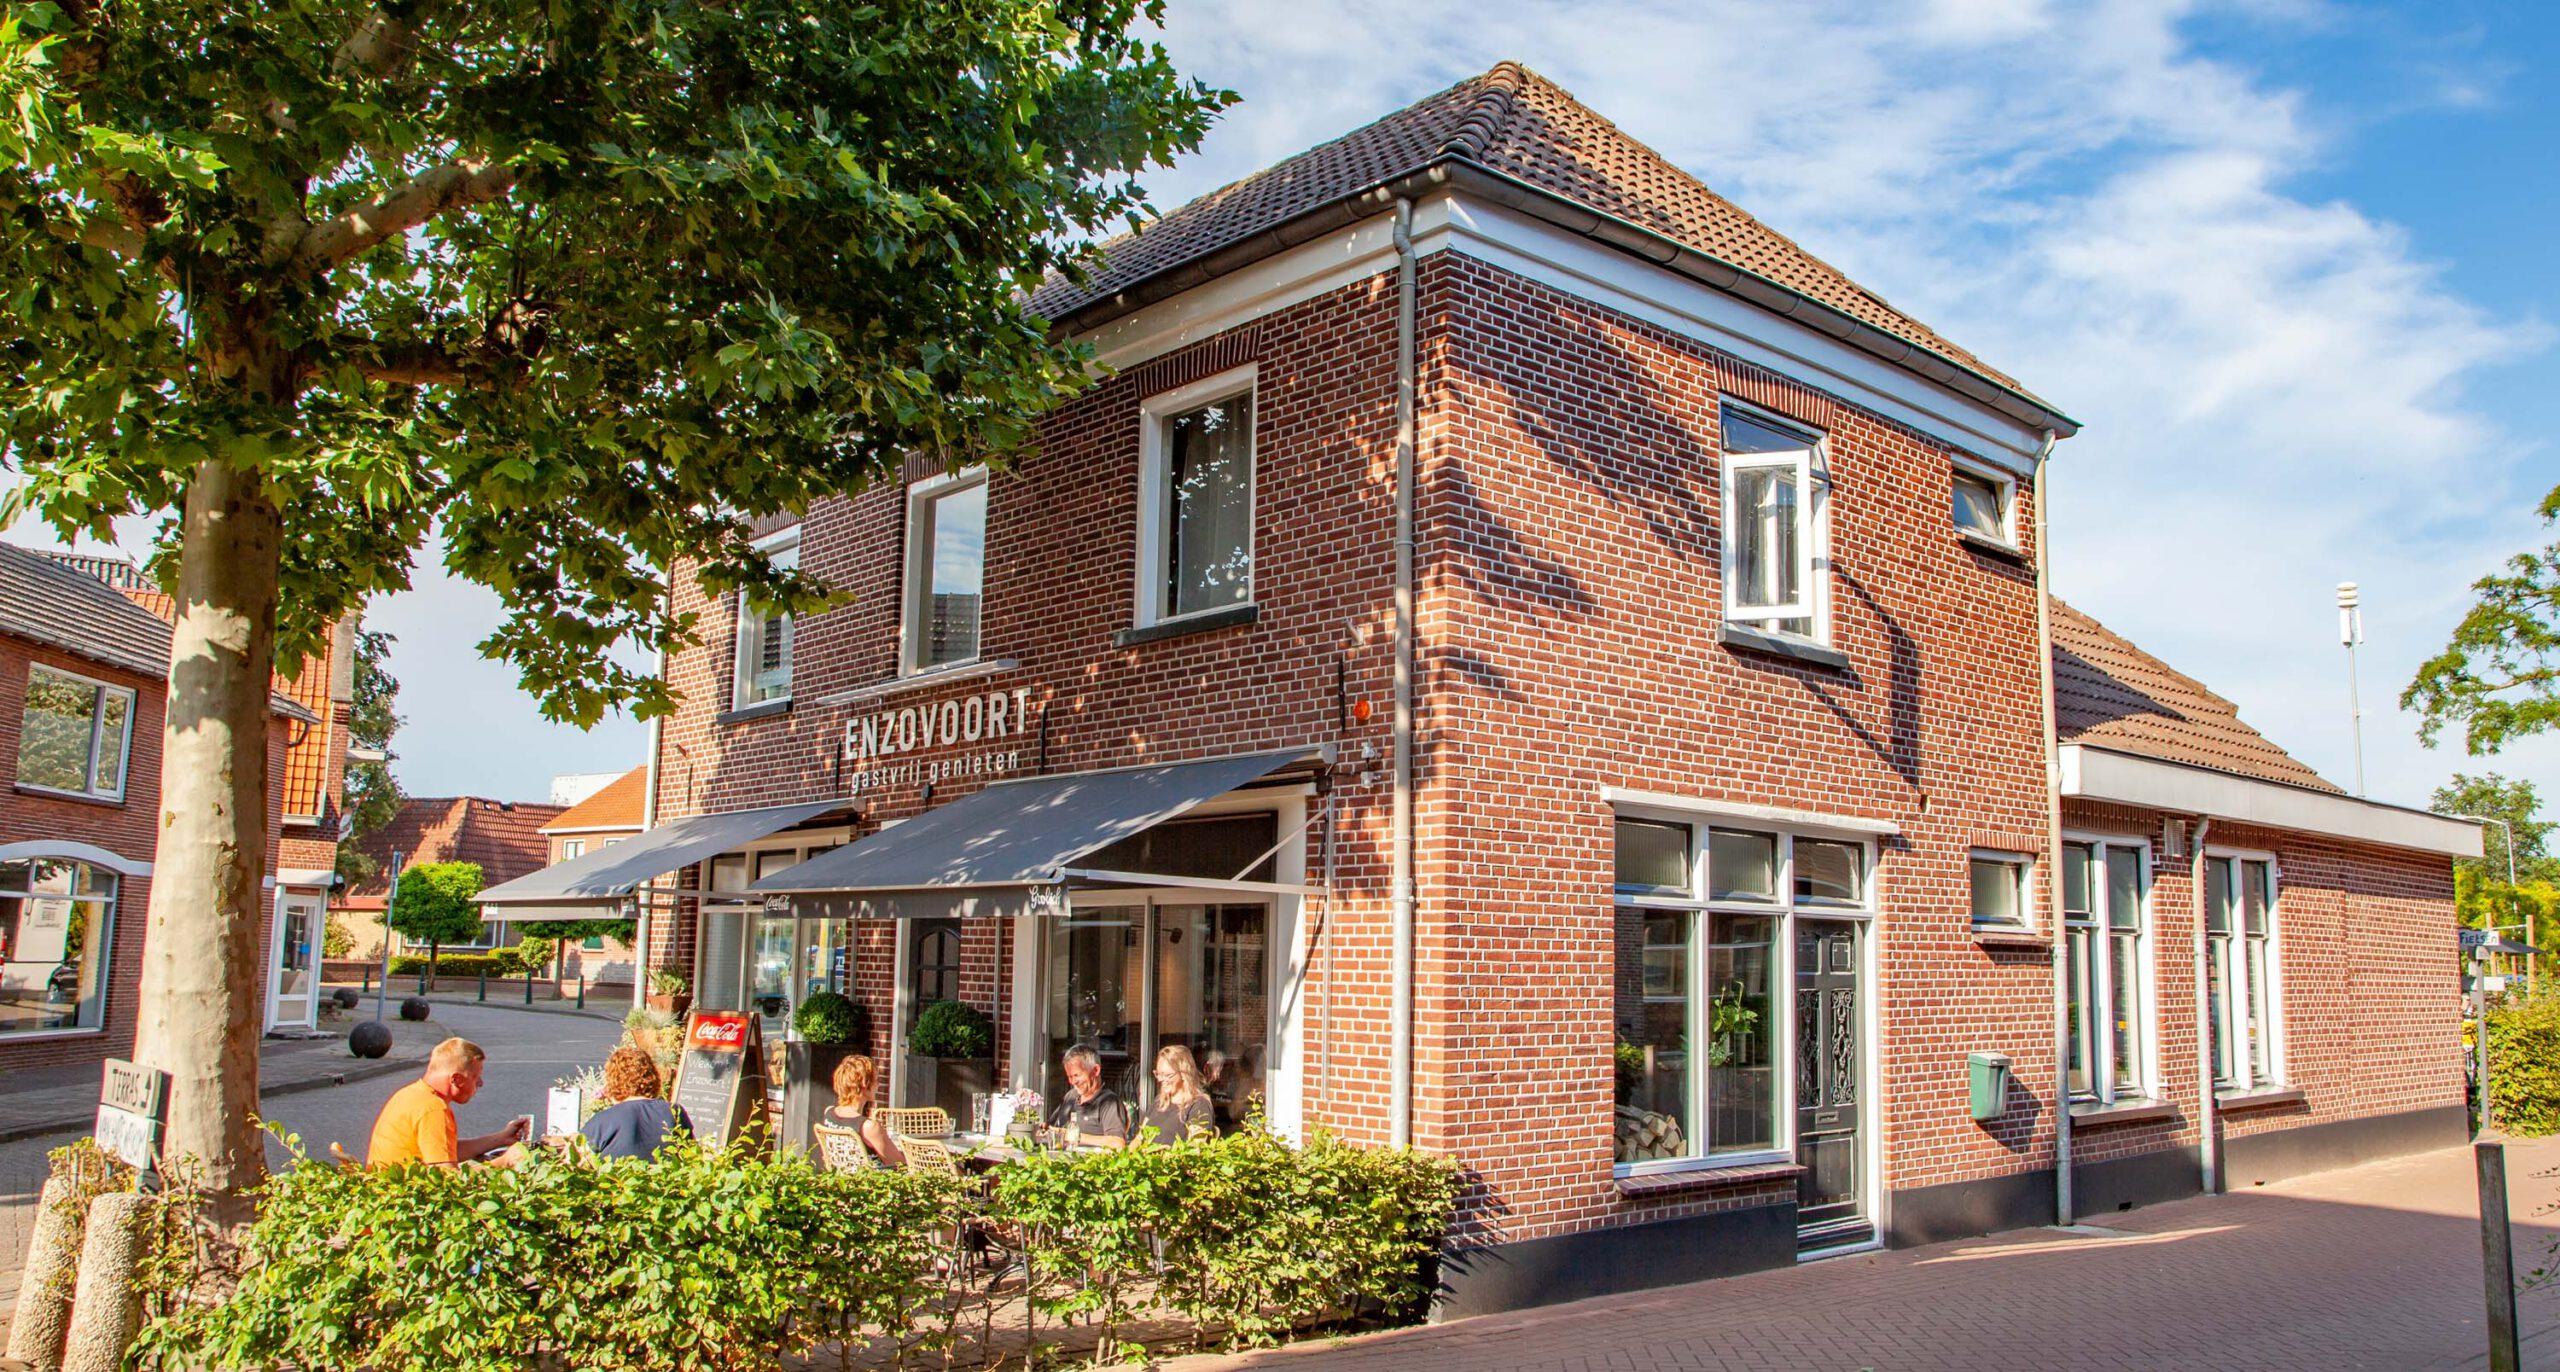 Restaurant-Achterhoek-Enzovoort